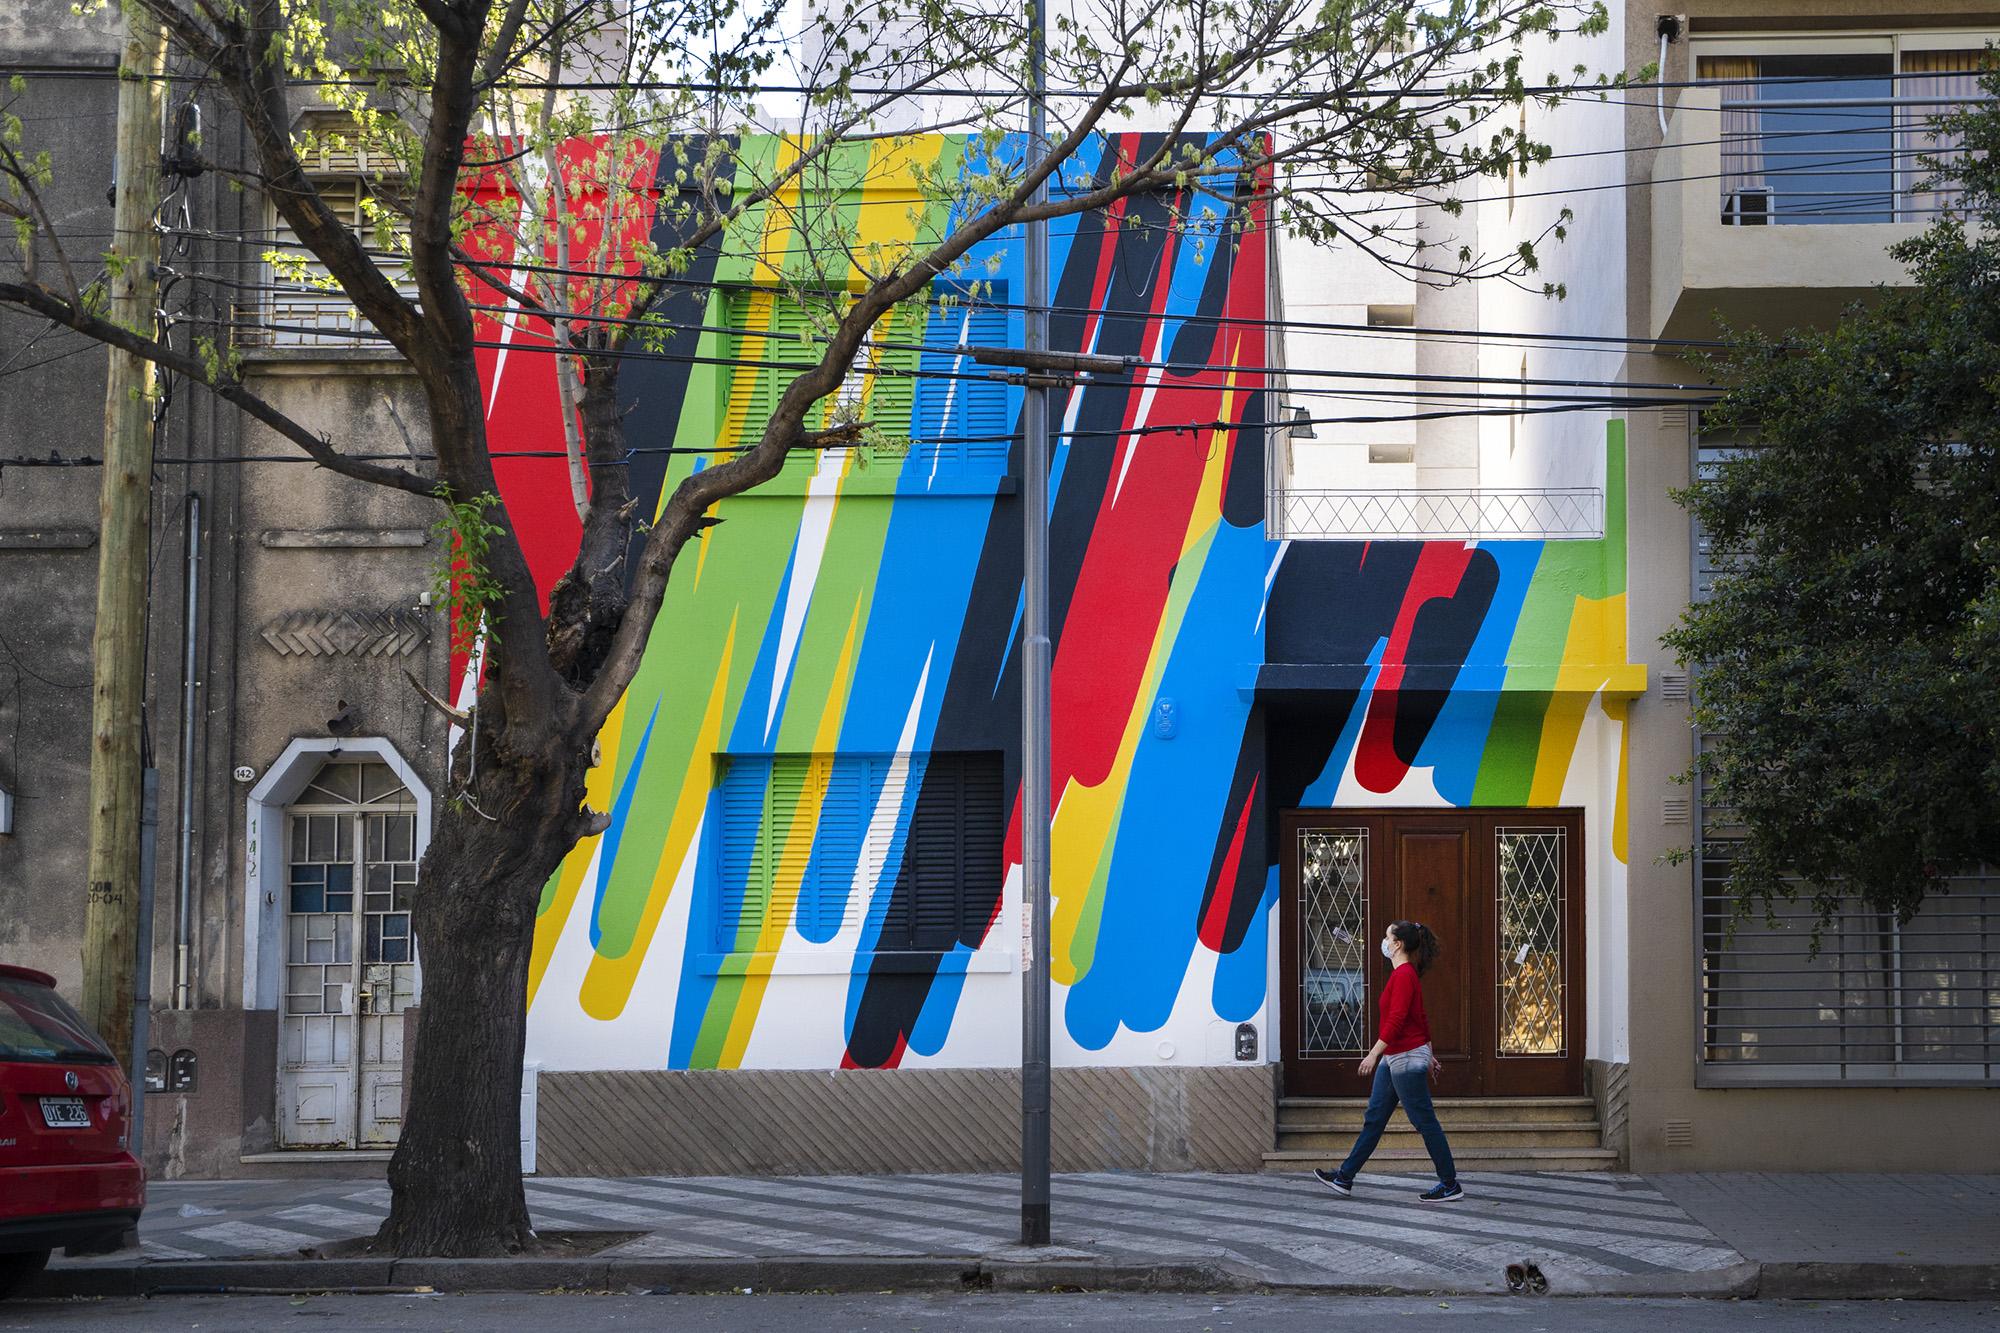 Novos trabalhos de Elian Chali na Argentina, EUA, e Taiwan Artes & contextos Cofico CBA AR 1 LQ